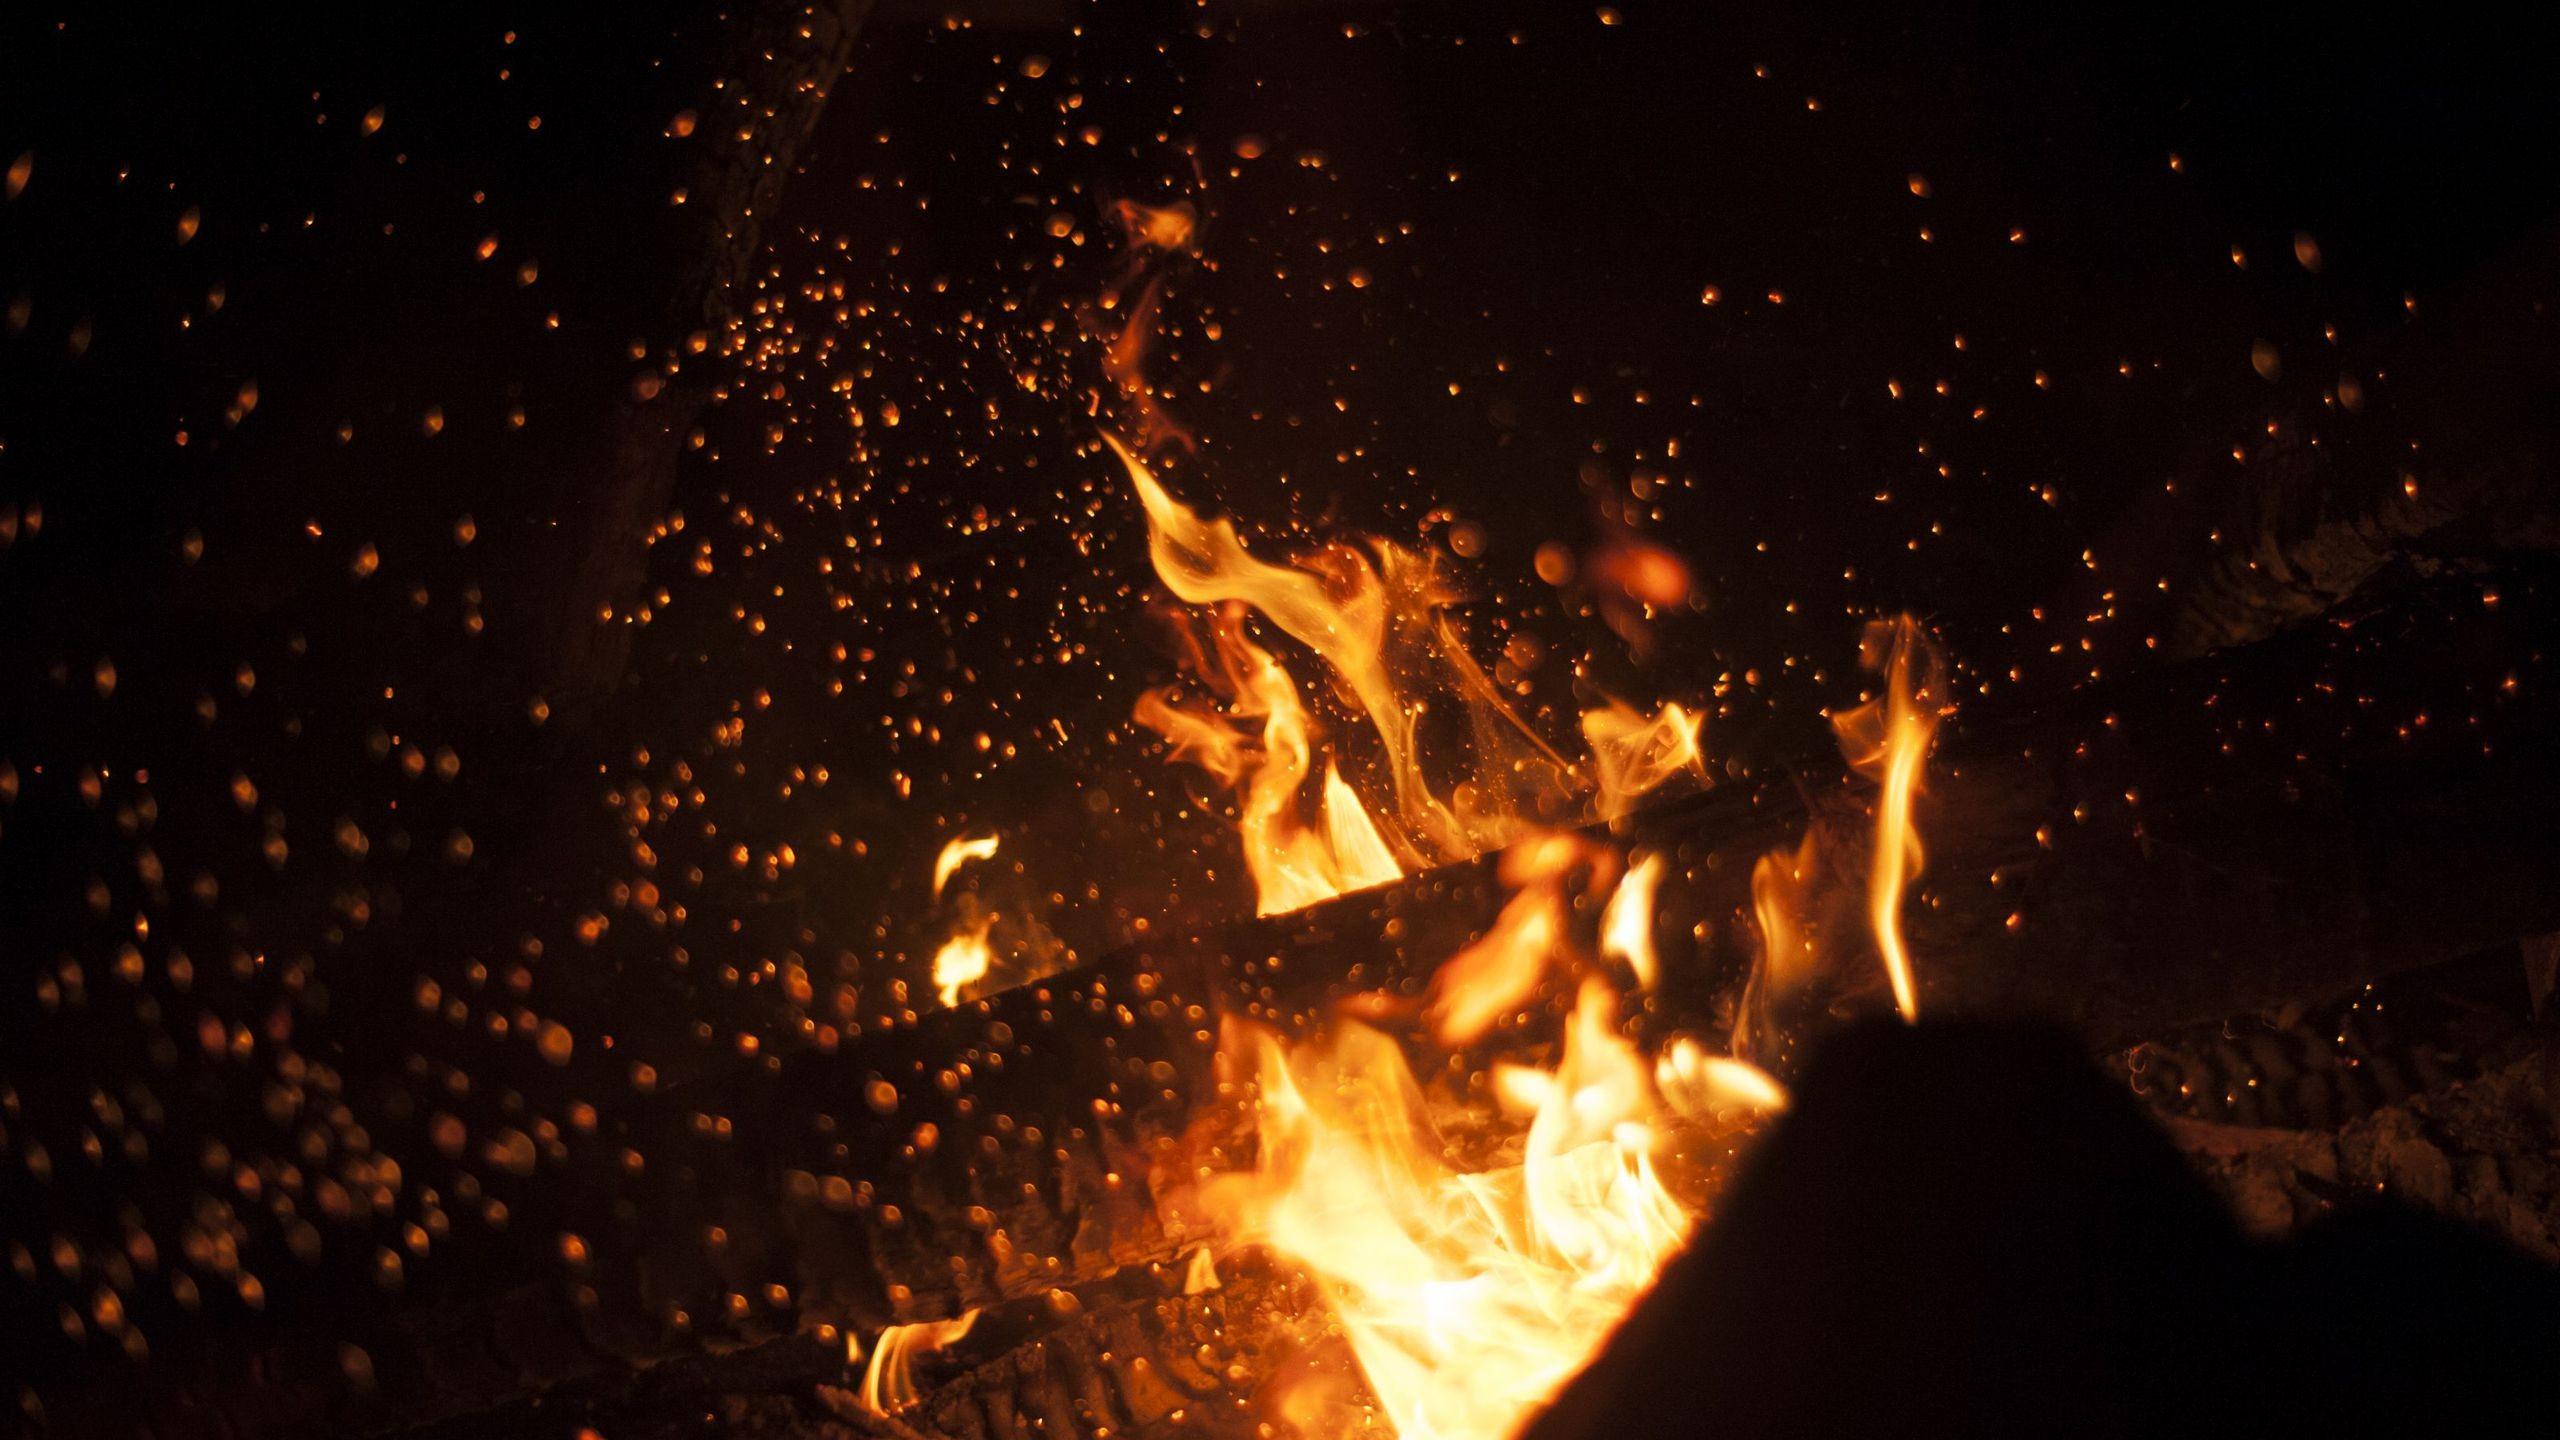 Фото необычный огонь в черном фоне